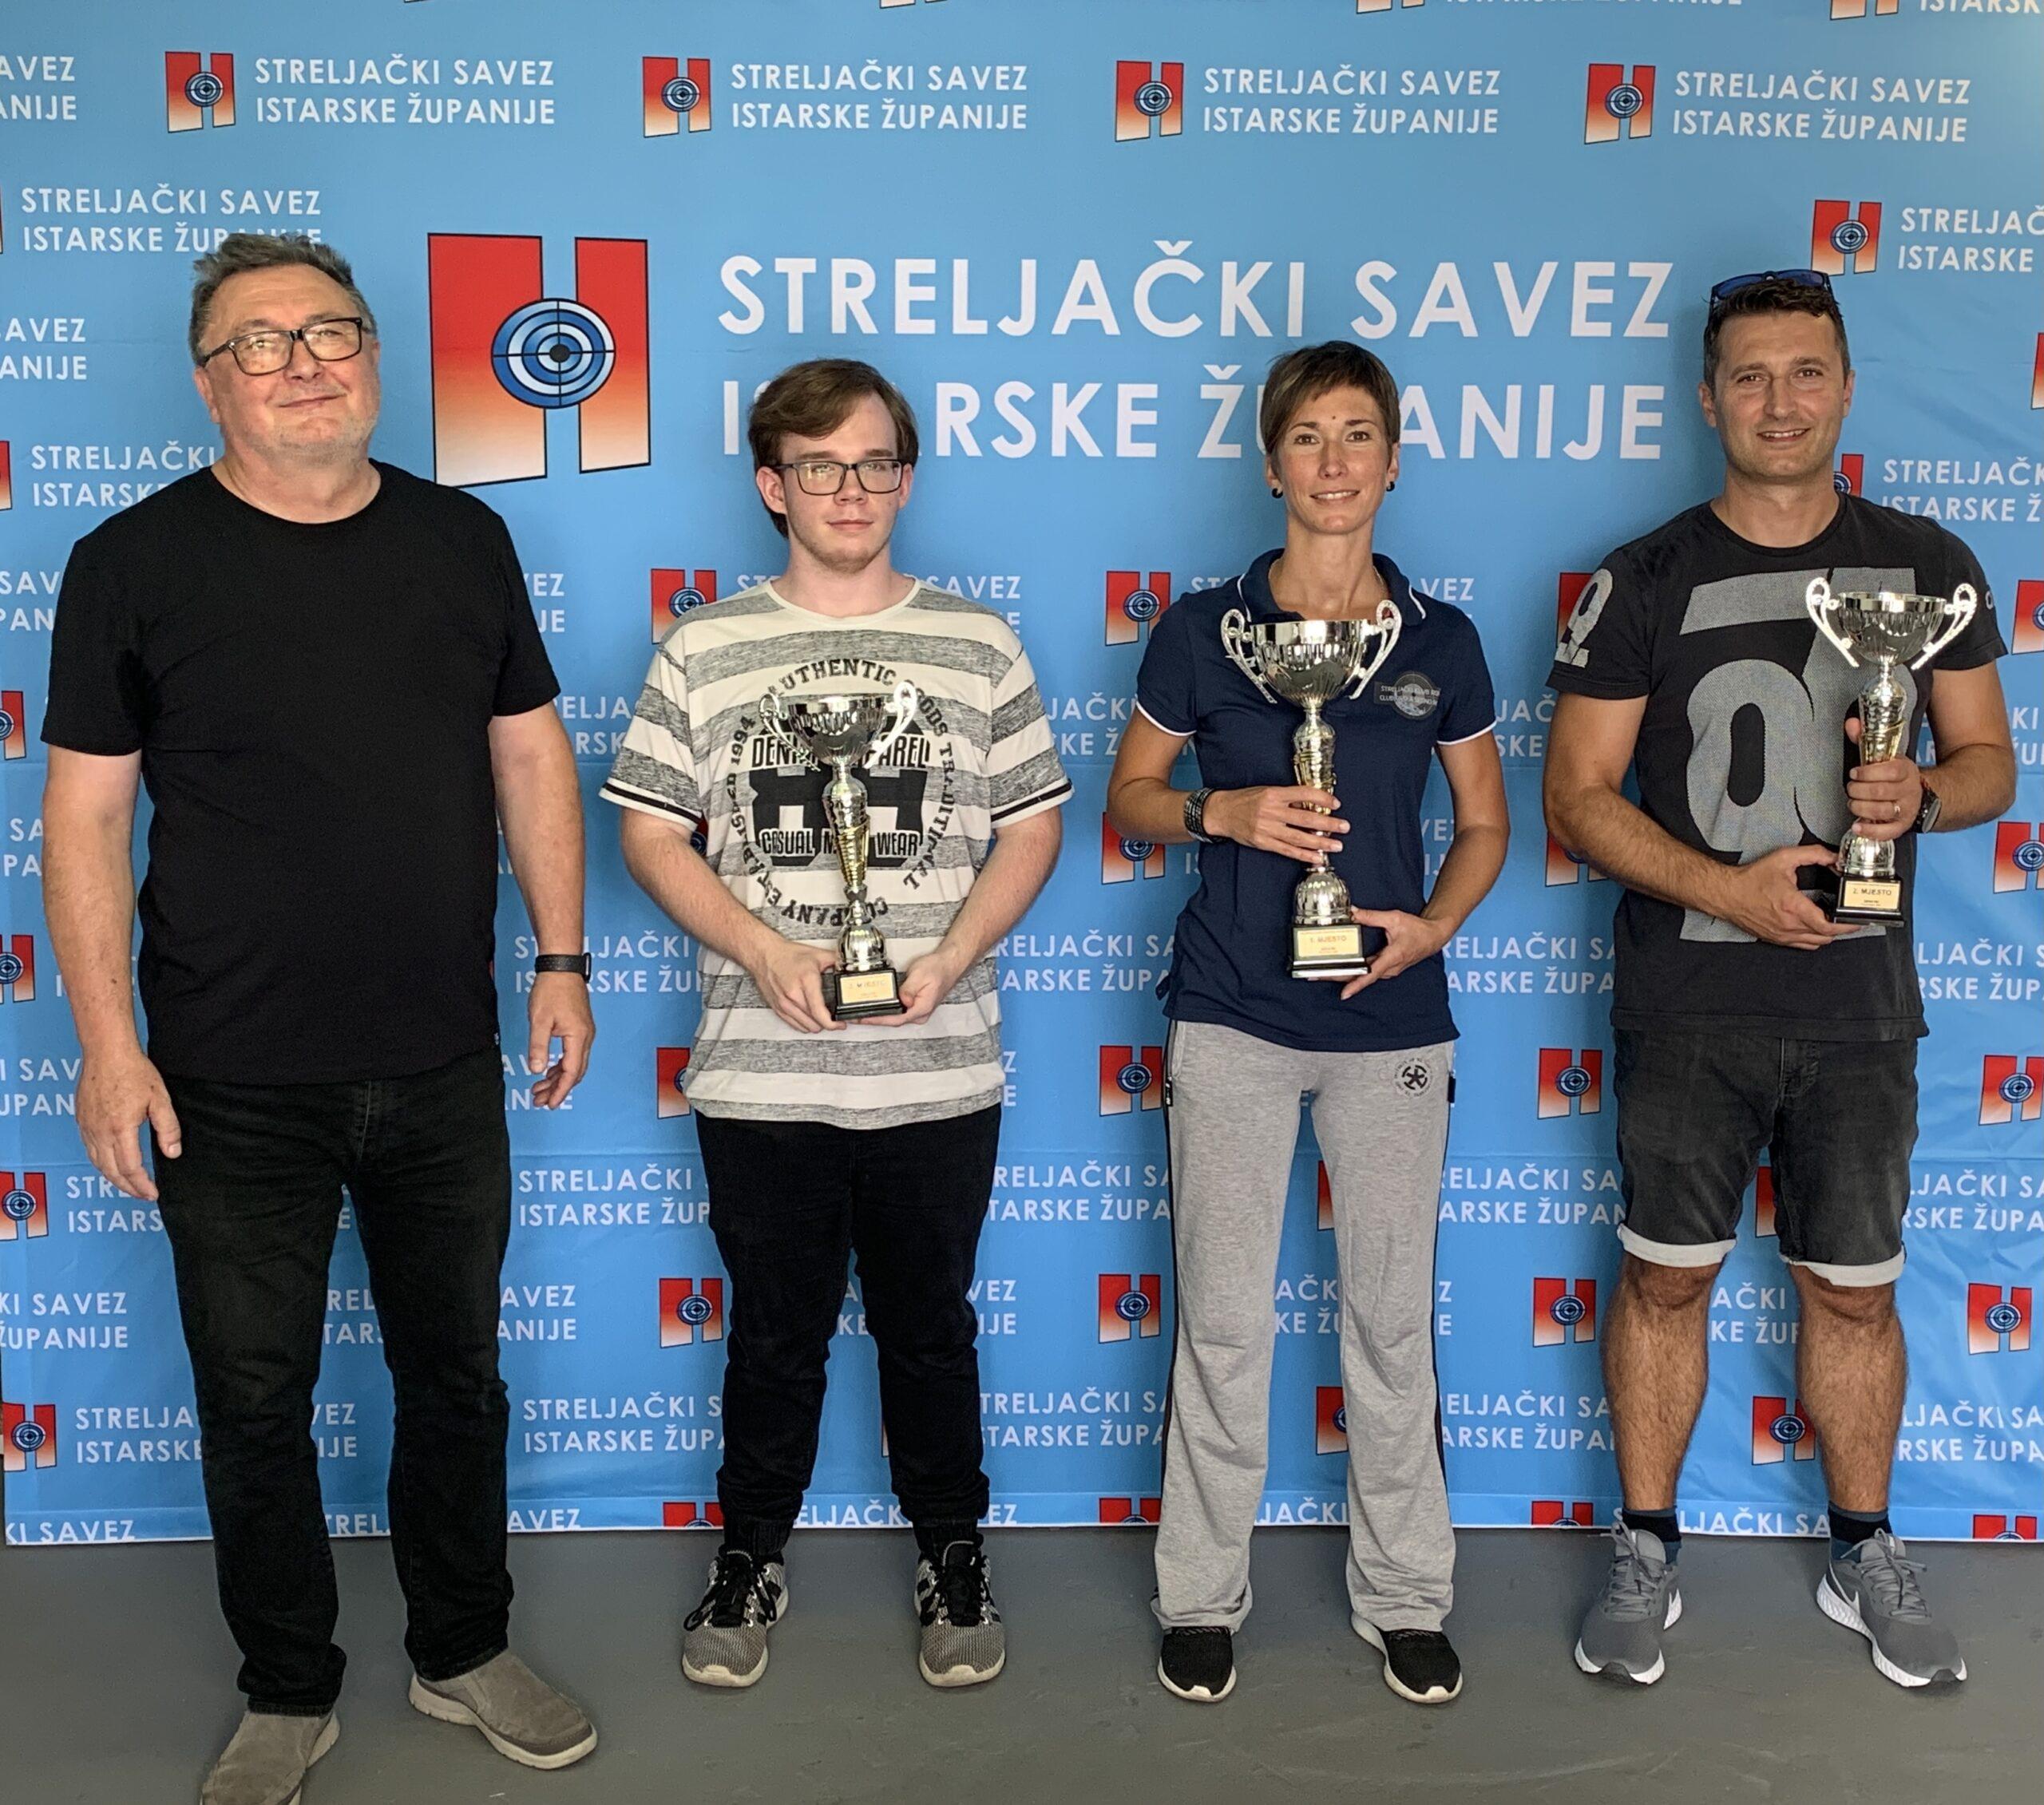 Pročitajte više o članku Održan Kup županije i polufinale kupa Hrvatske u Puli-Pola